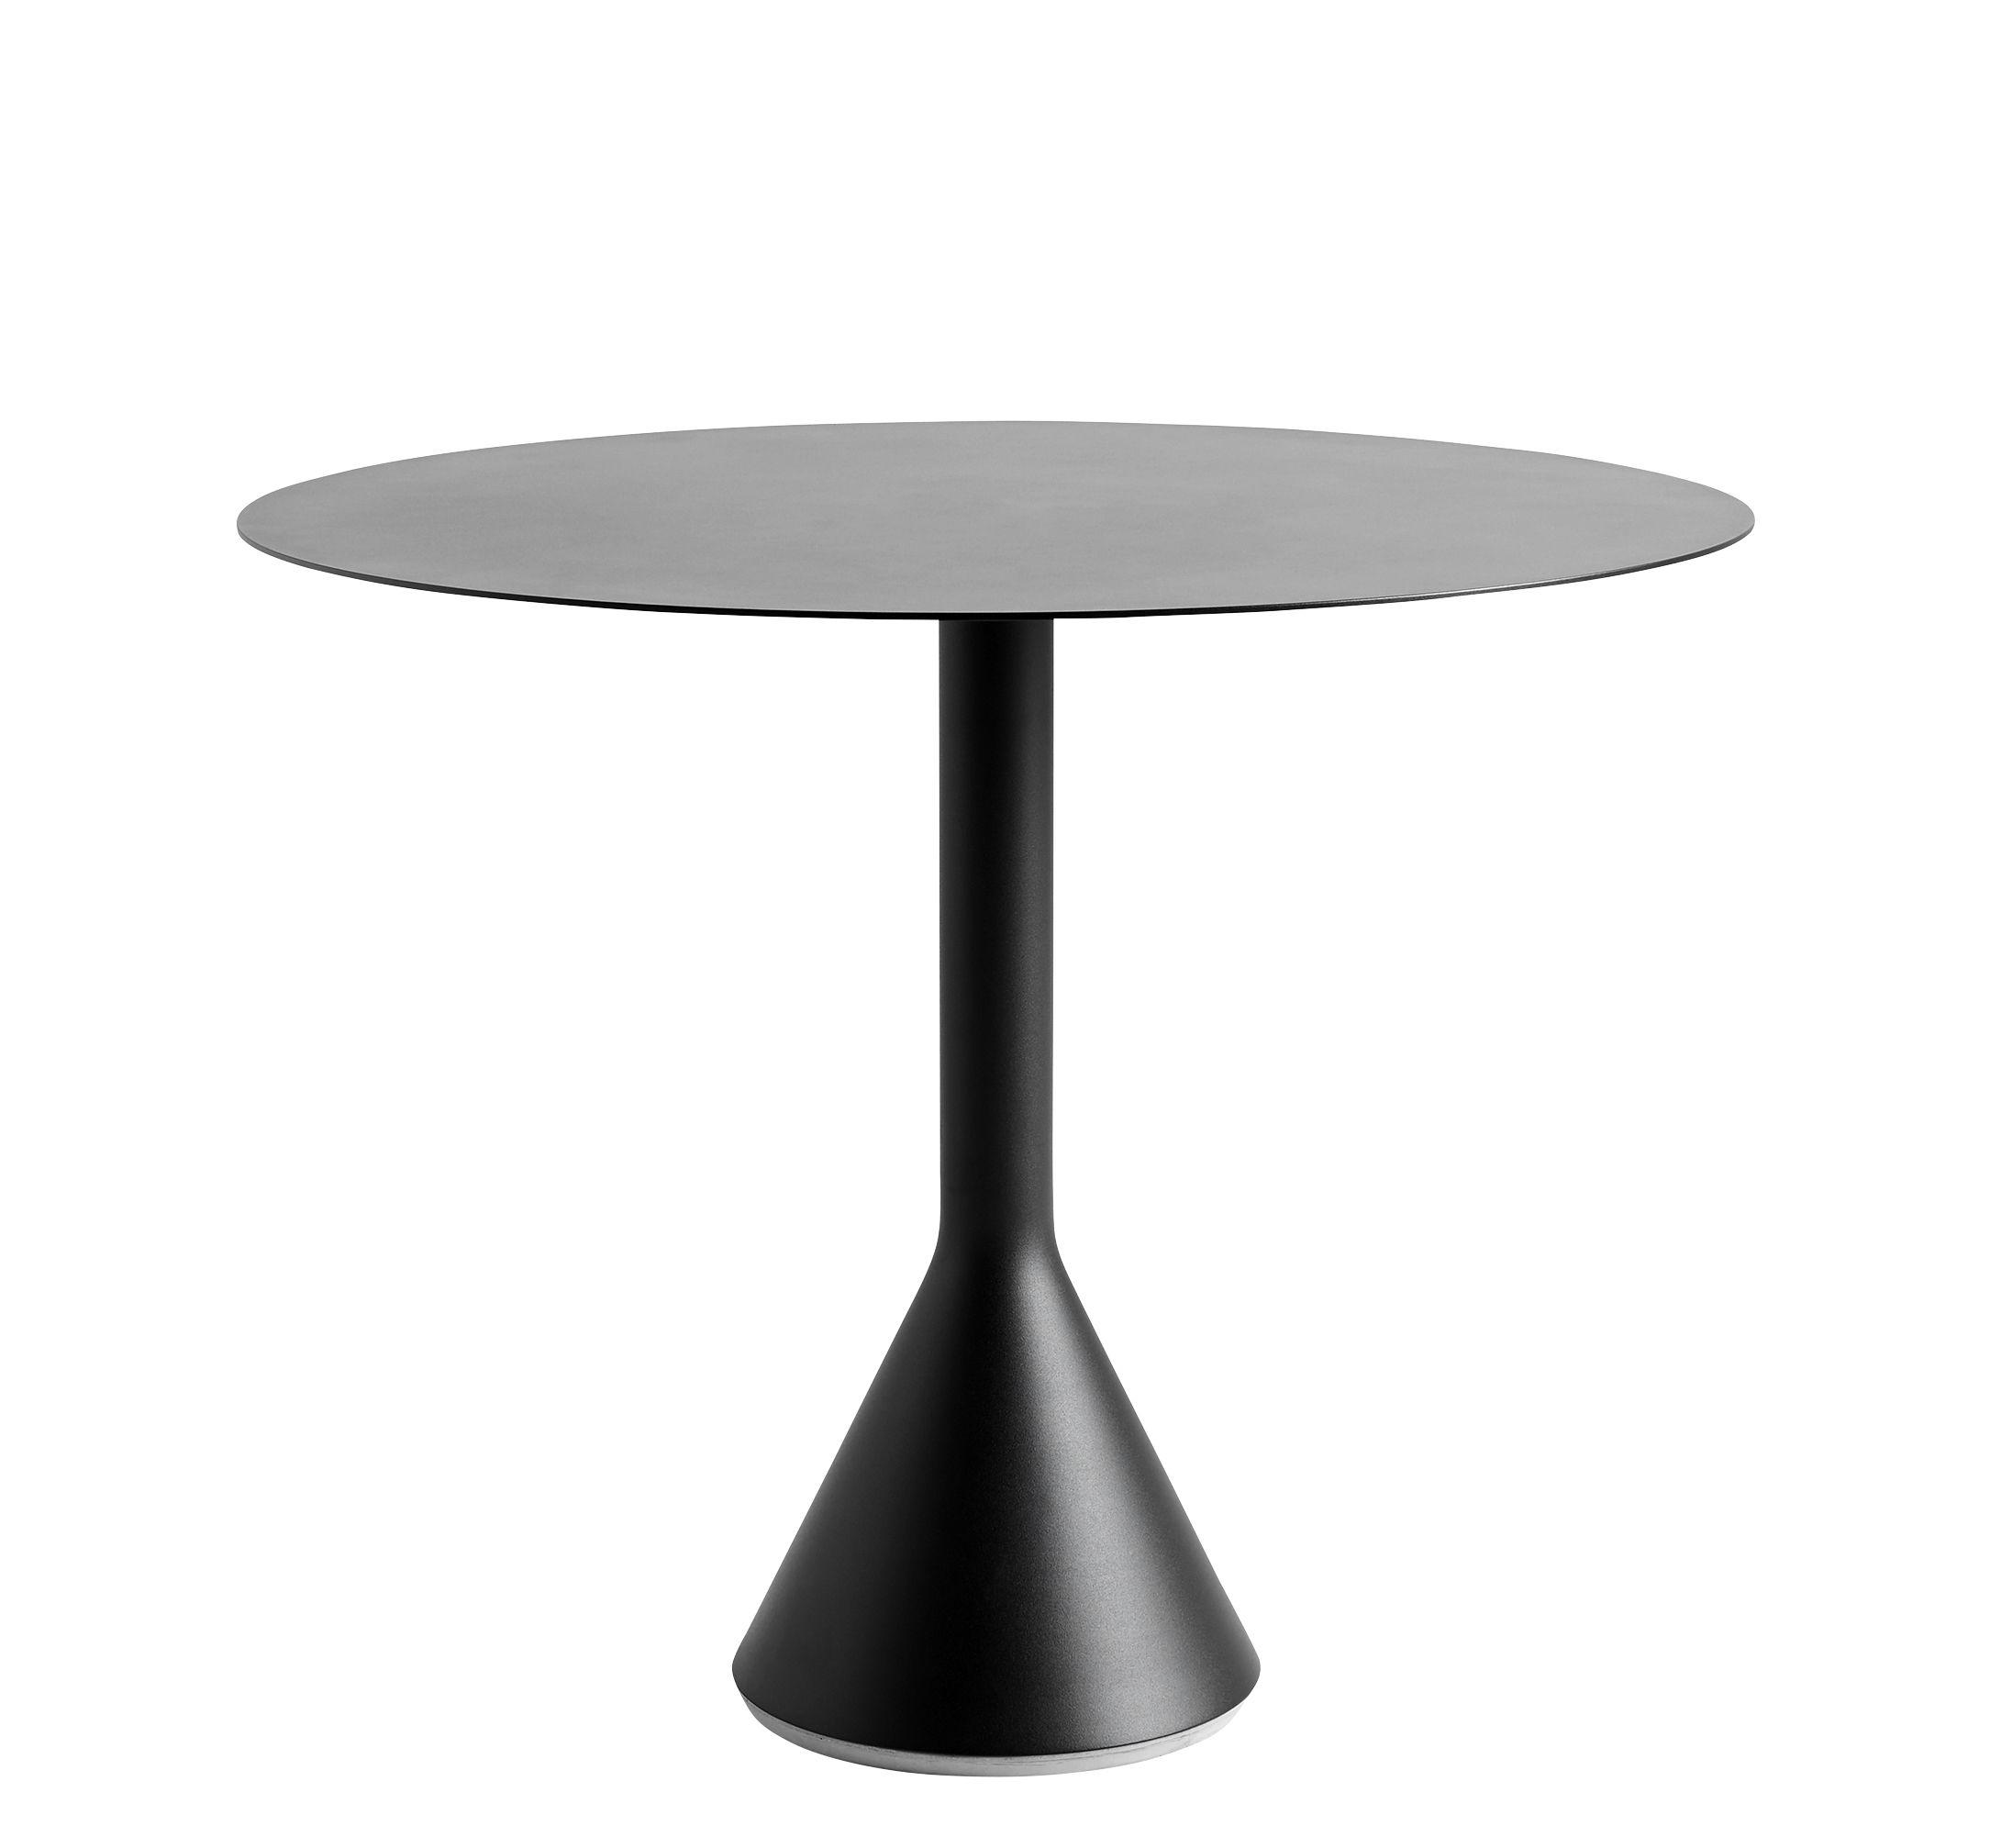 Jardin - Tables de jardin - Table ronde Palissade Cone / Ø 90 cm - Acier - Hay - Anthracite - Acier laqué époxy, Béton